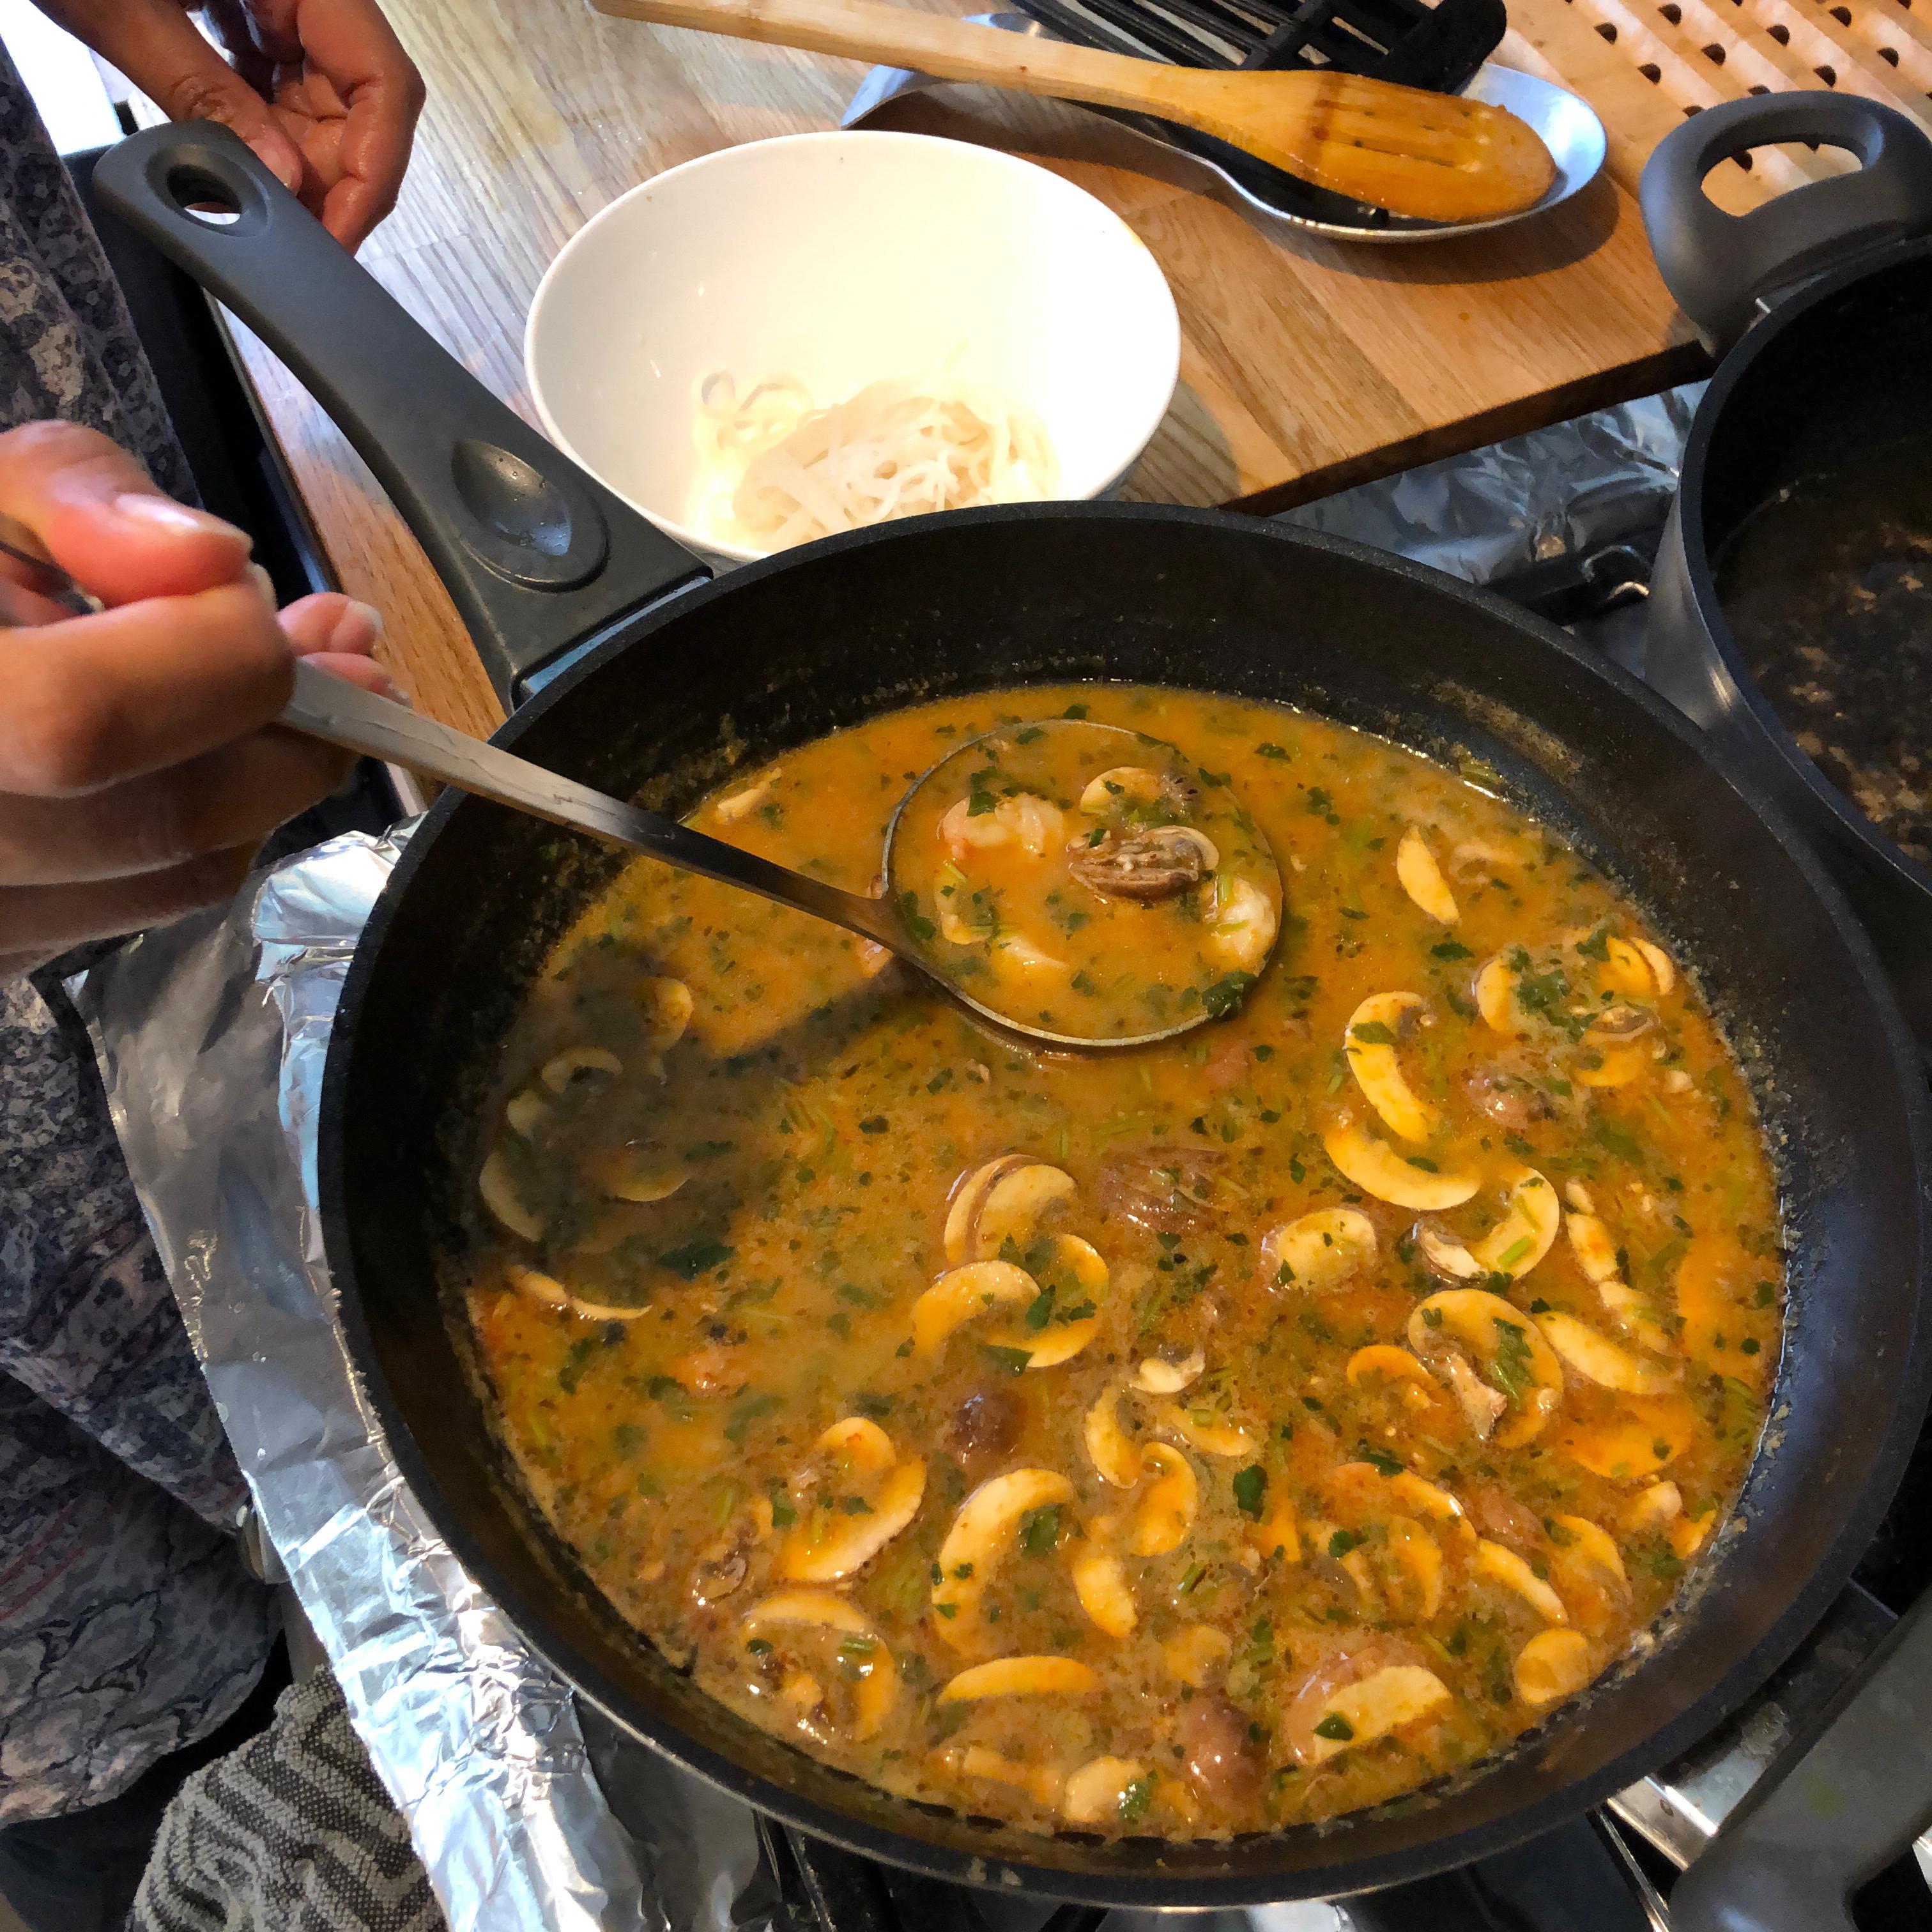 Thai Hot and Sour Soup sumairian